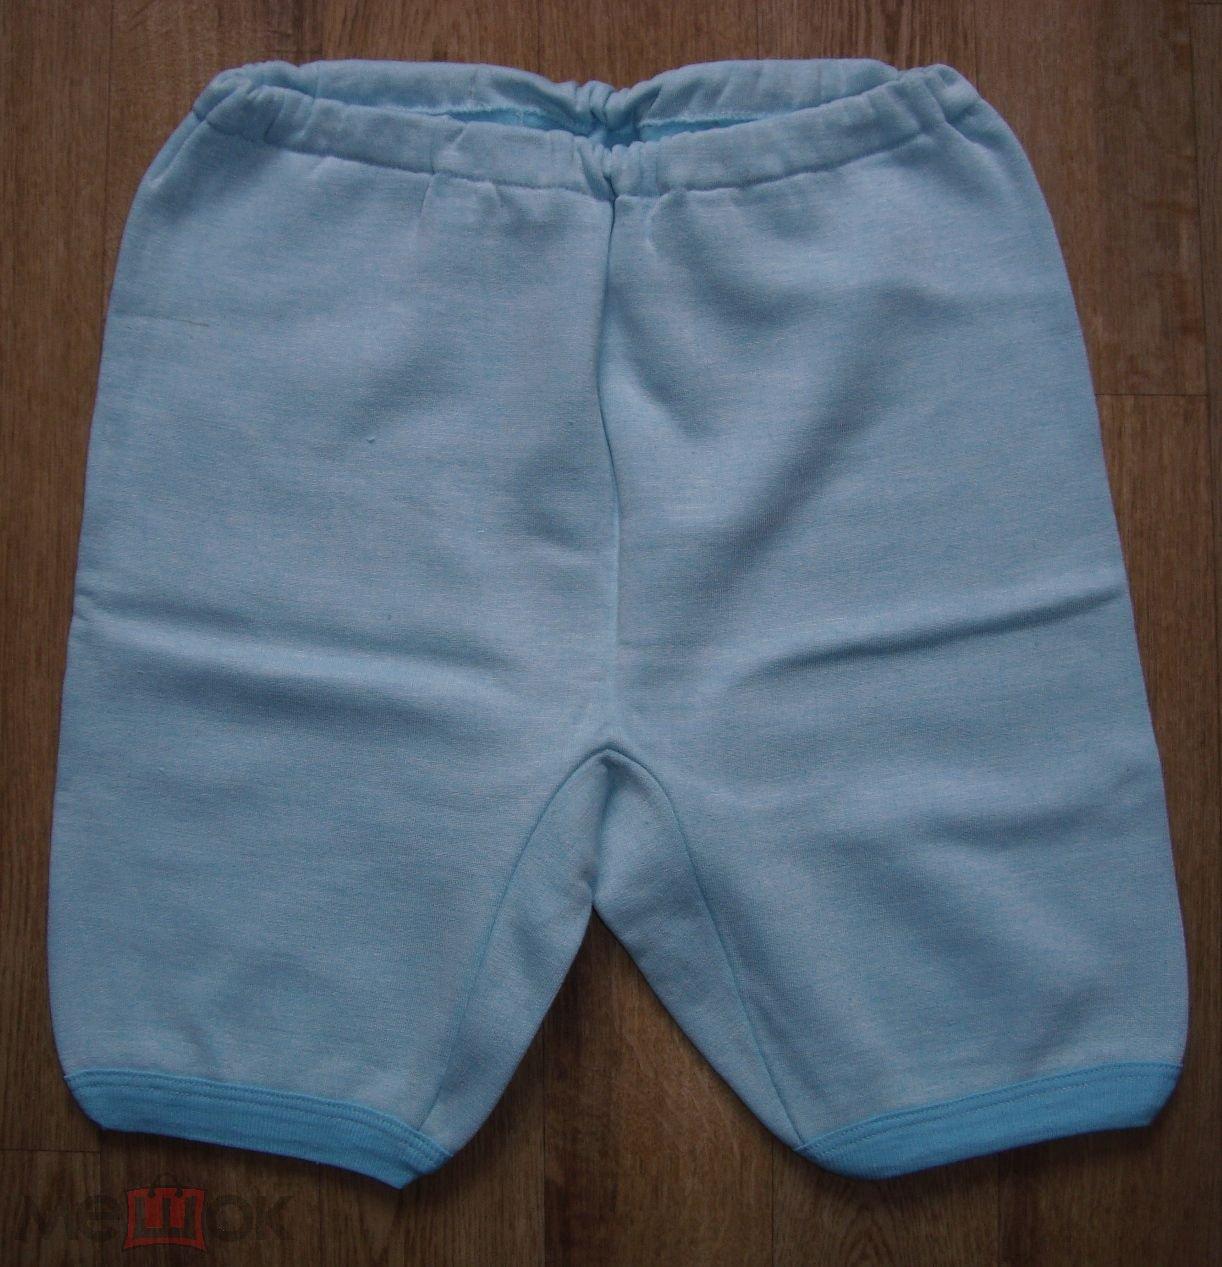 Из-под юбки виднелись панталоны с начесом, порно видео извращение азиаток